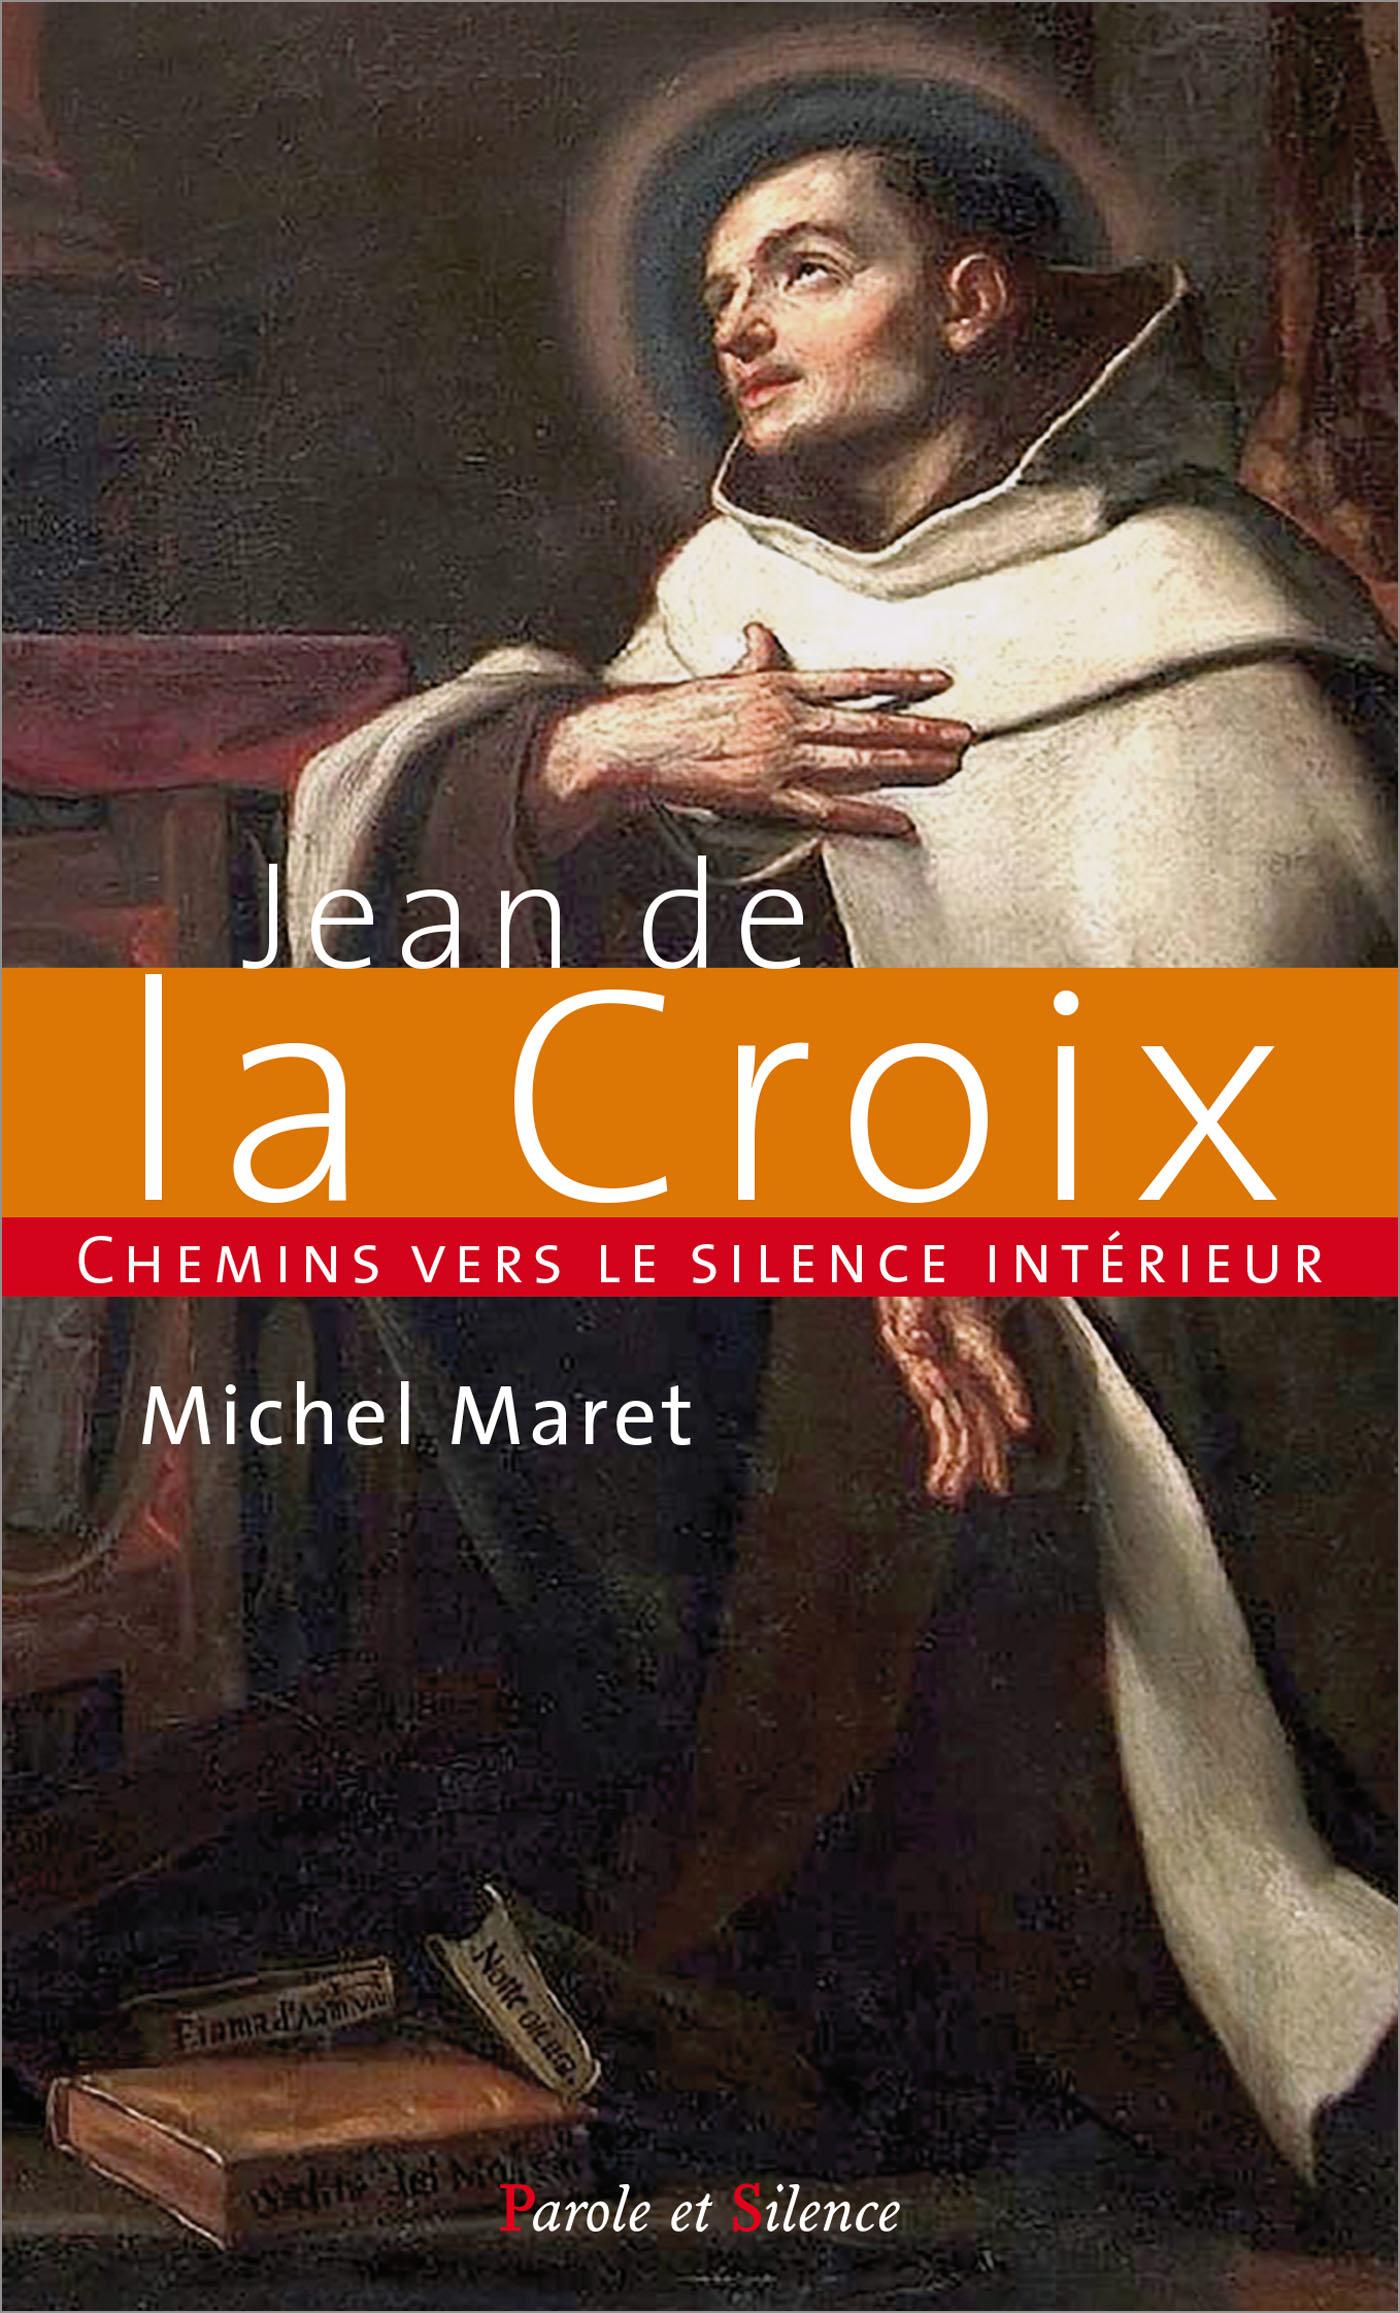 Chemins vers le silence intérieur avec Jean de la Croix